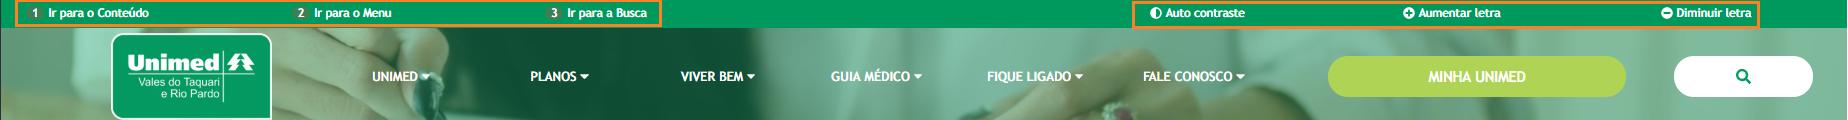 Imagem mostra a barra de menu do site da Unimed VTRP com destaque em laranja para os itens de acessibilidade